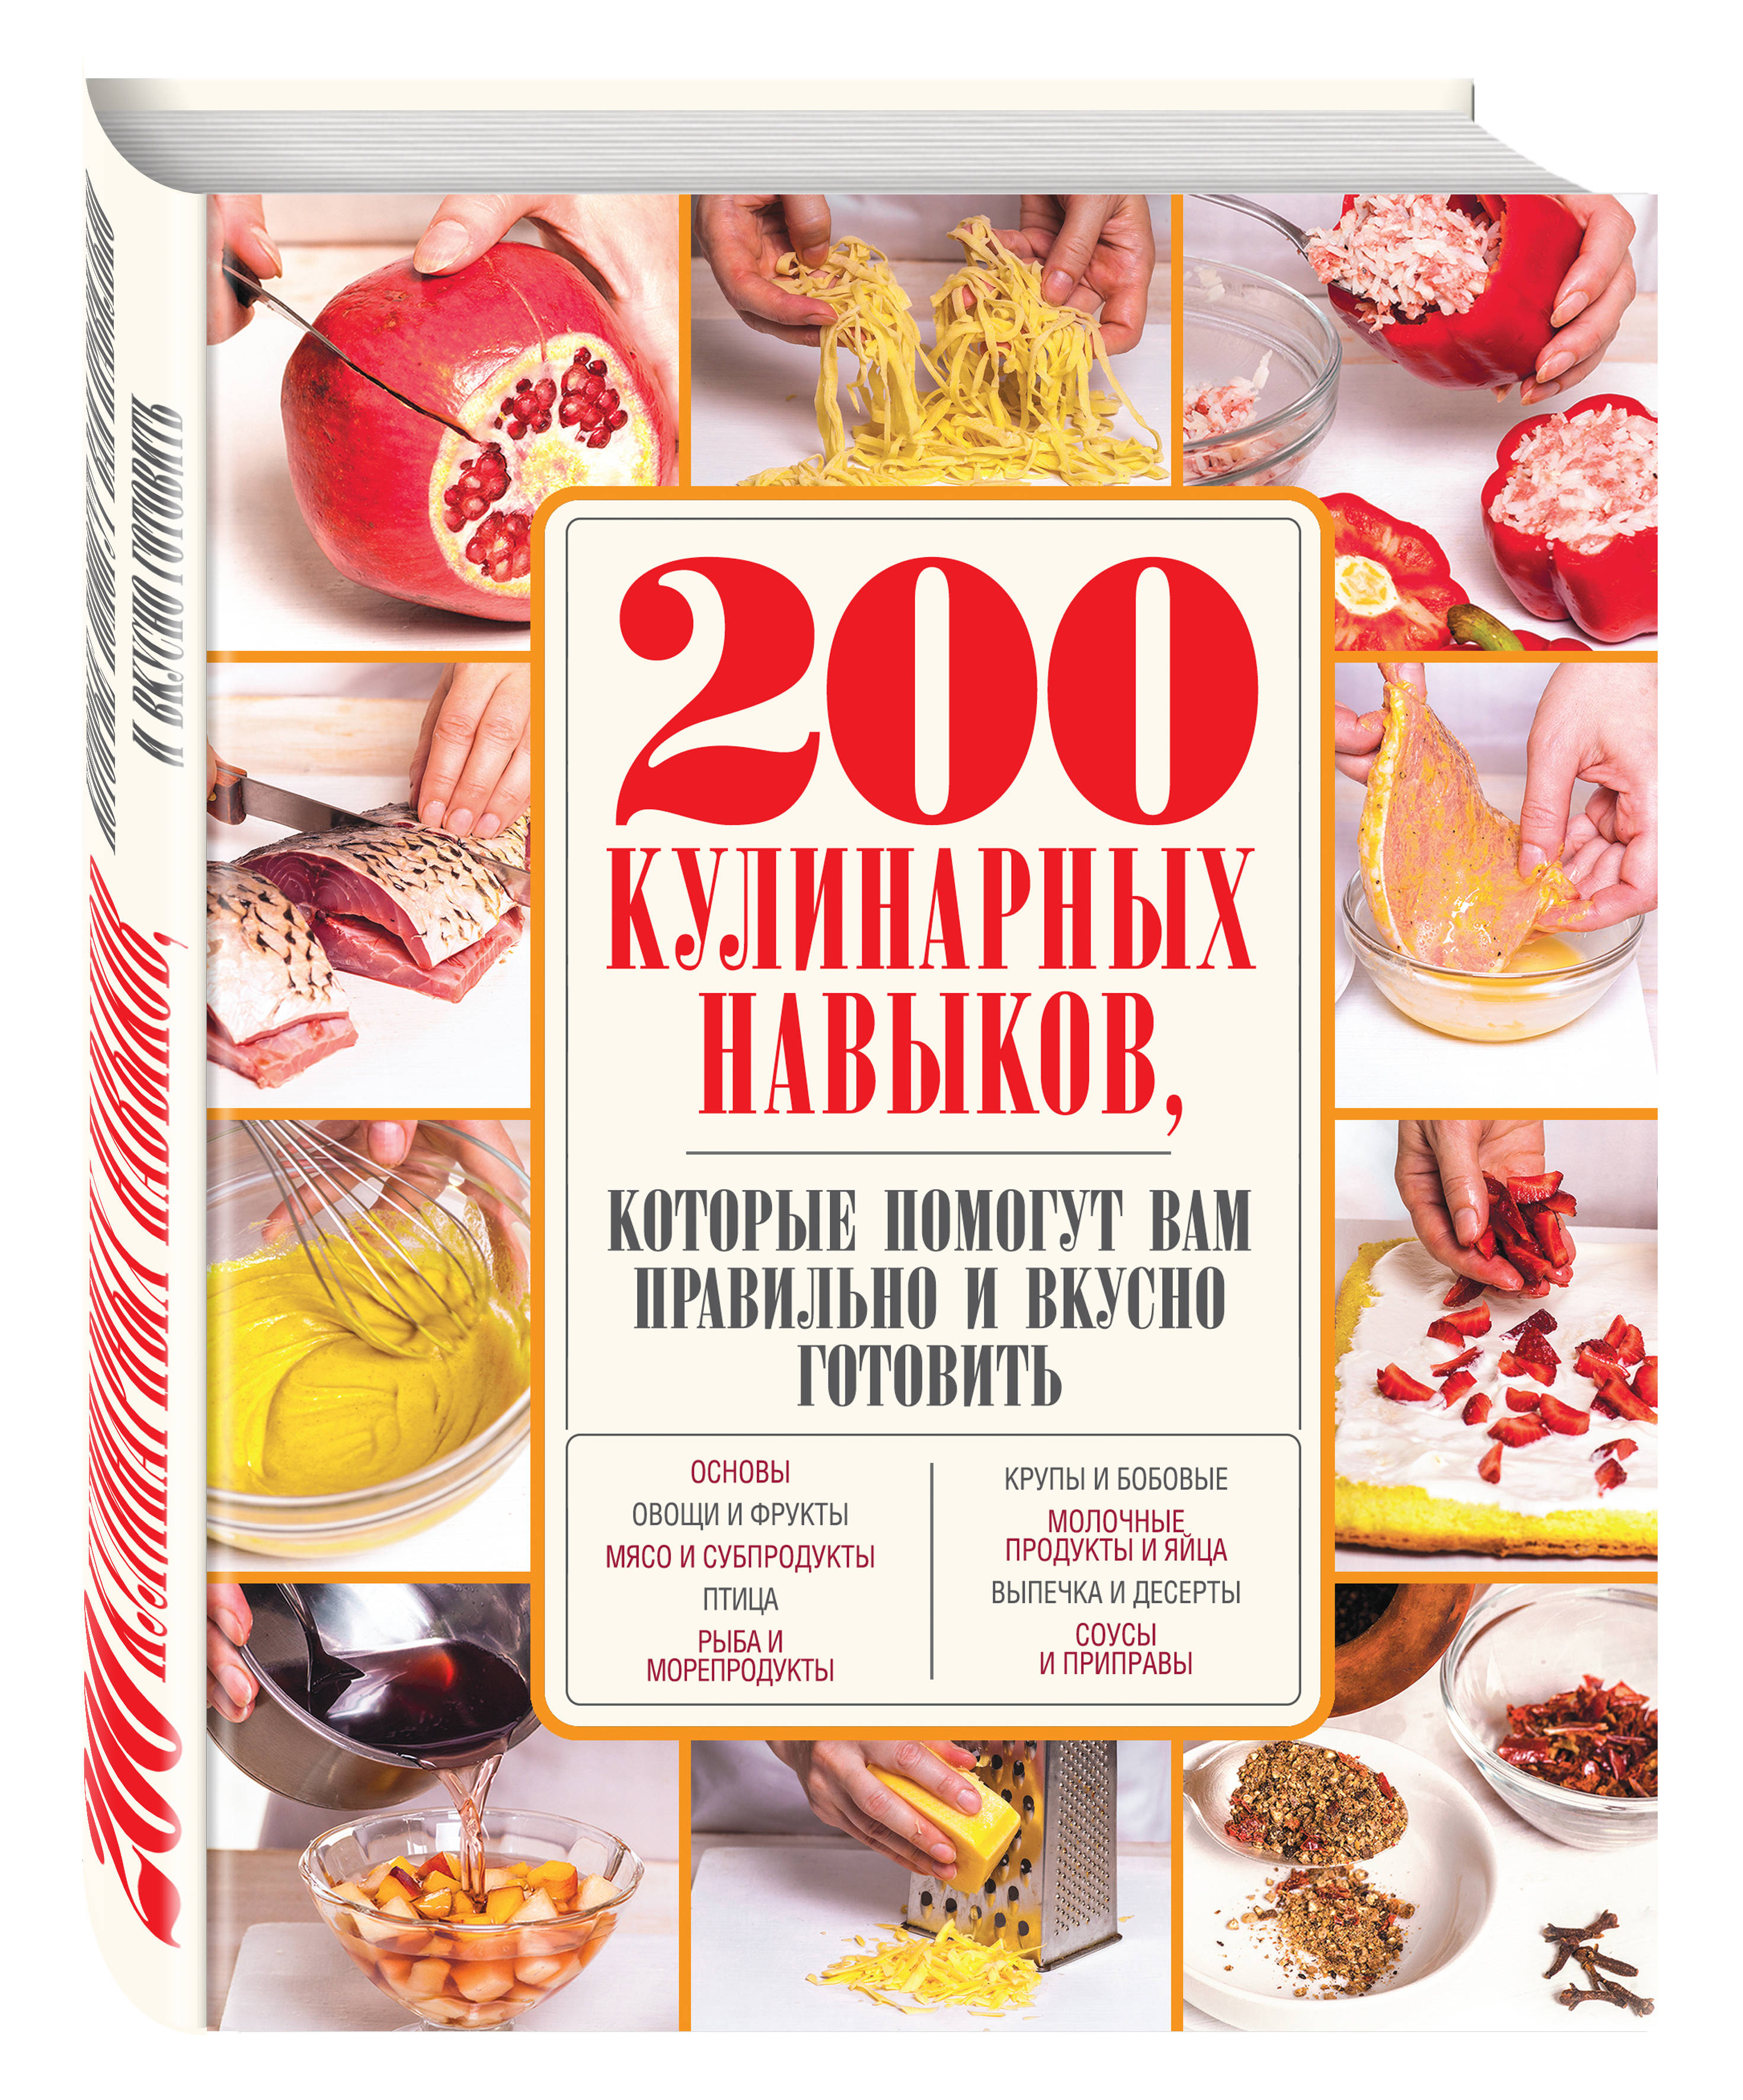 200 кулинарных навыков, которые помогут вам правильно и вкусно готовить (с фото) олеся гиевская 200 здоровых навыков которые помогут вам правильно питаться и хорошо себя чувствовать